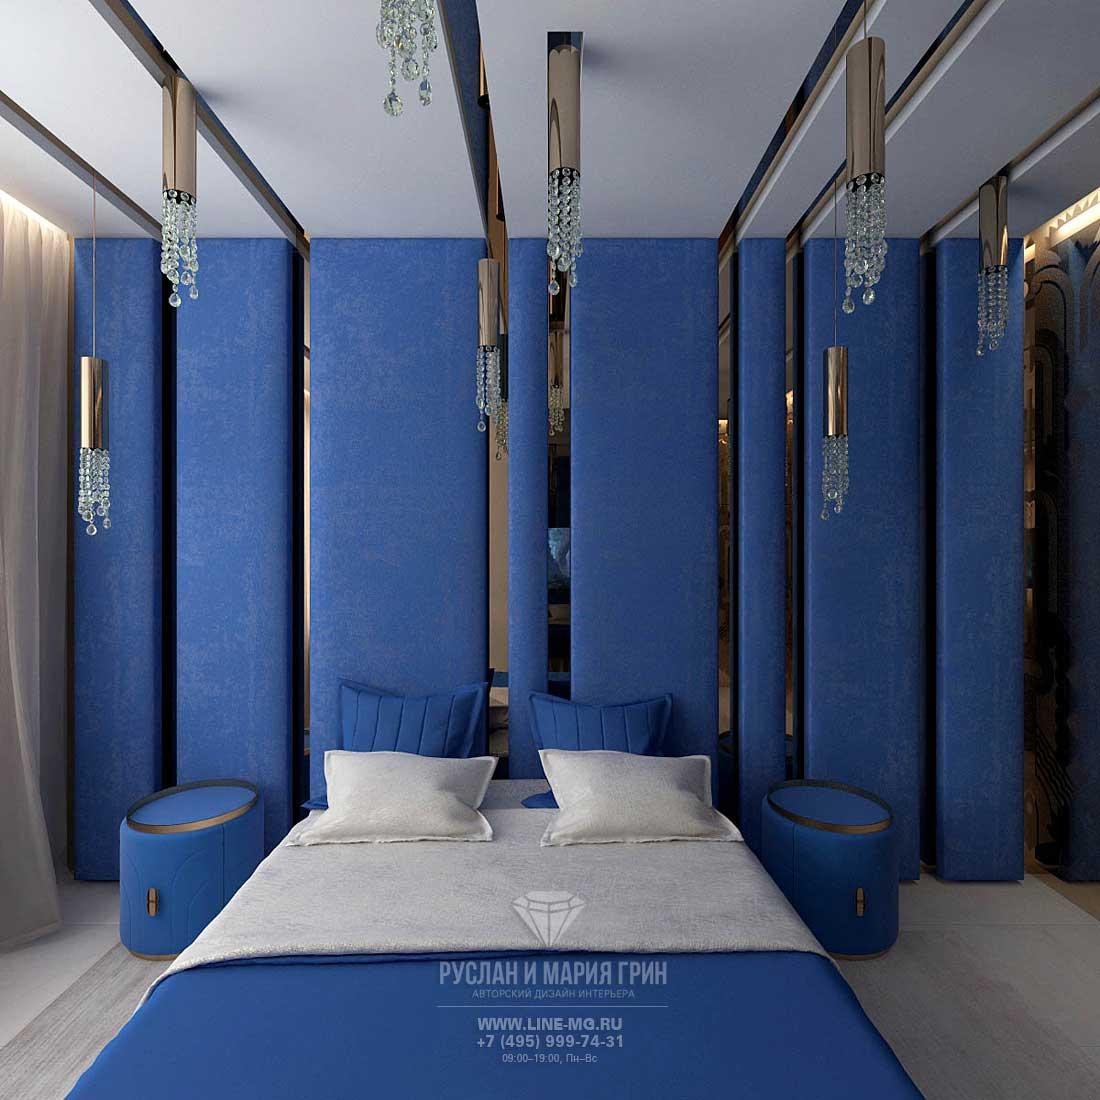 Дизайн интерьера гостевой спальни в частном доме. Фото новинка 2015